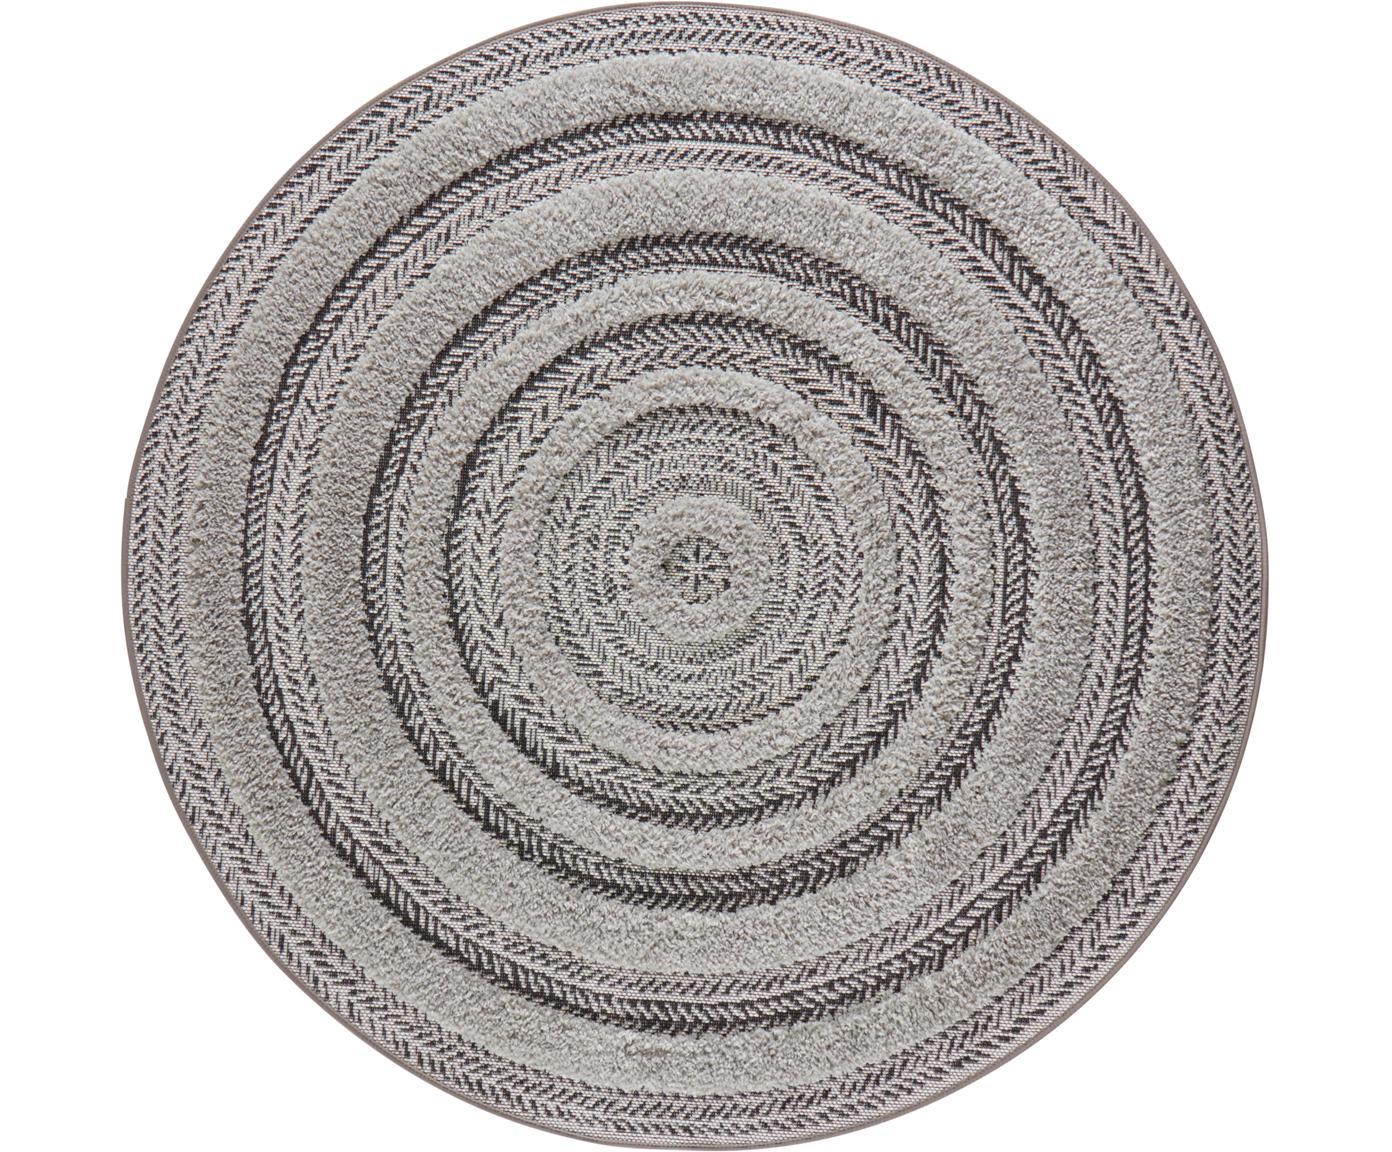 Rond vloerkleed Nador met hoog-laag patroon, Polypropyleen, Antraciet, grijs, Ø 160 cm